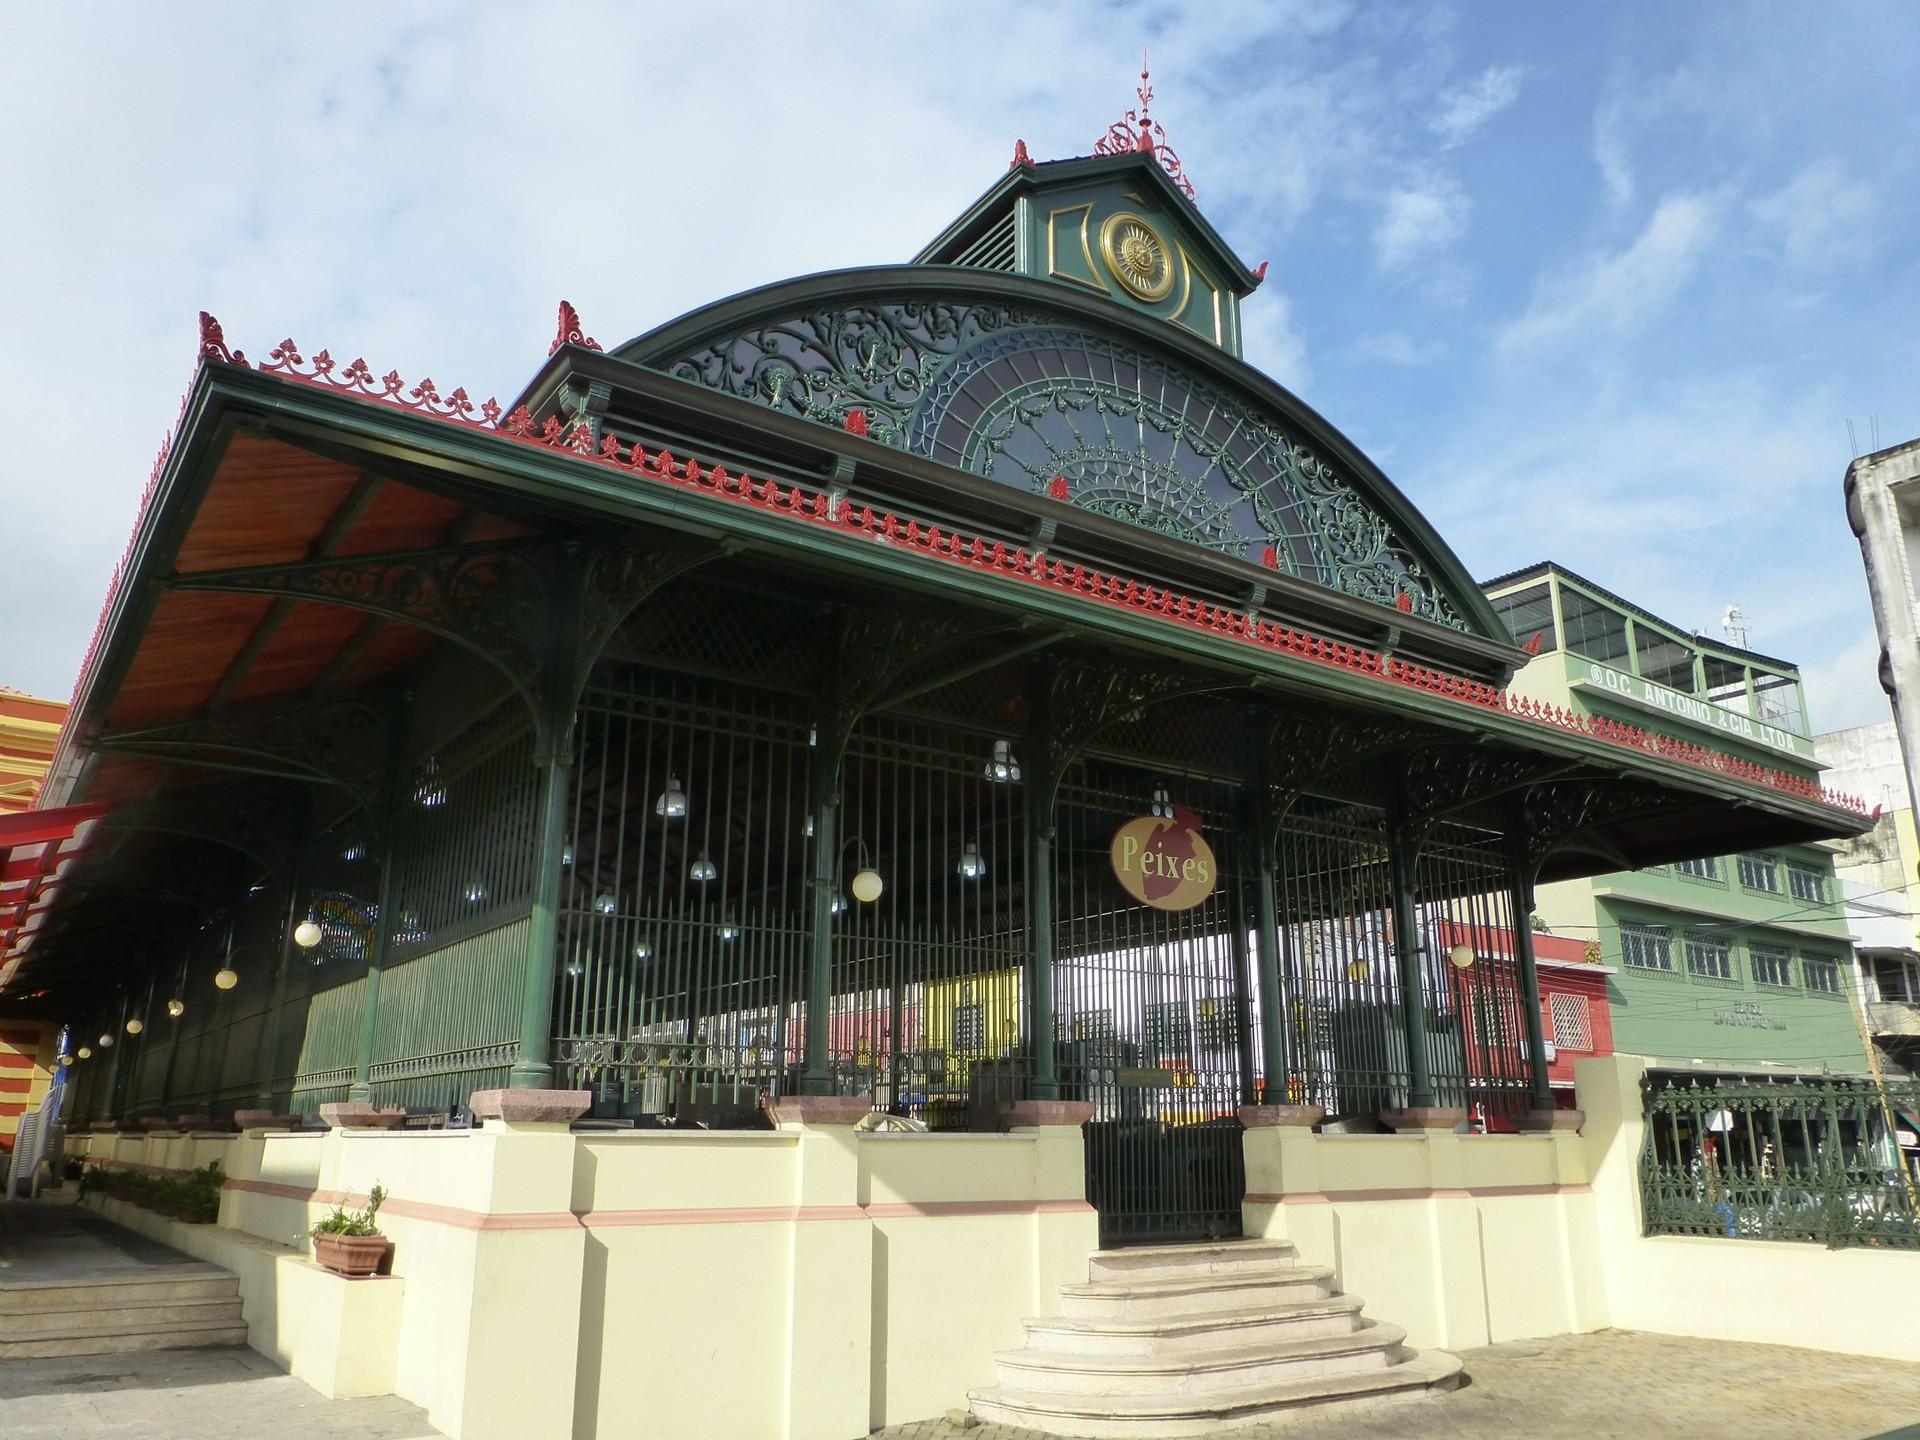 The entrance to Manaus' Mercado Municipal